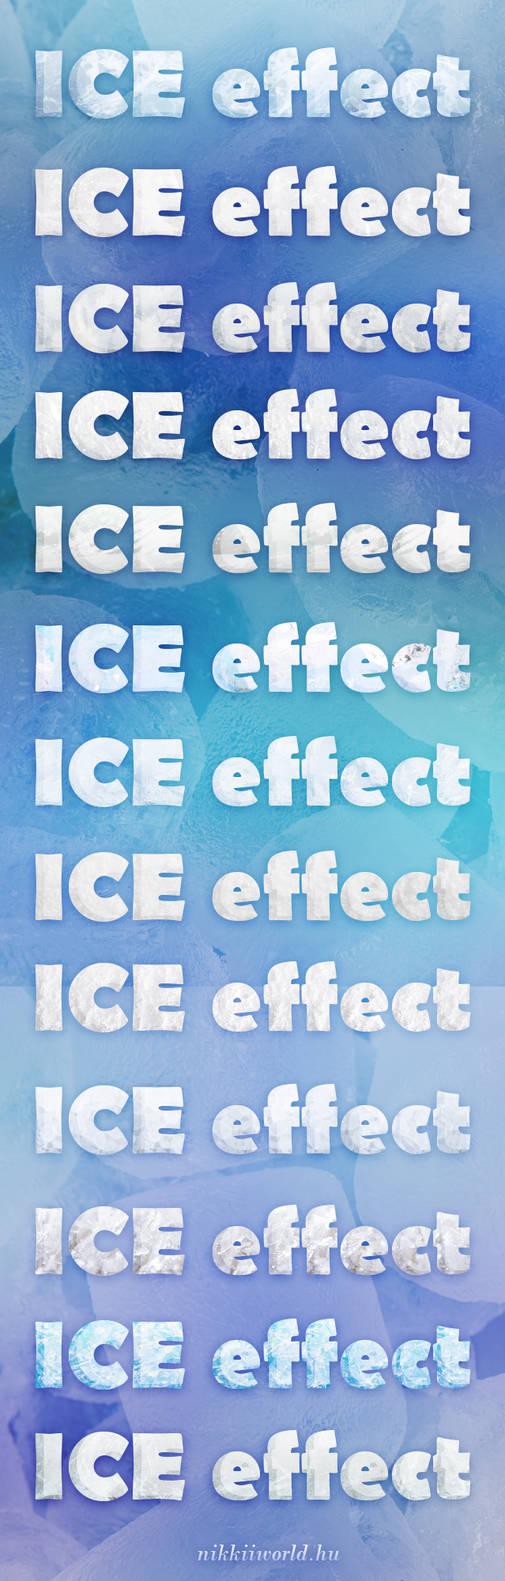 PSD Styles Ice